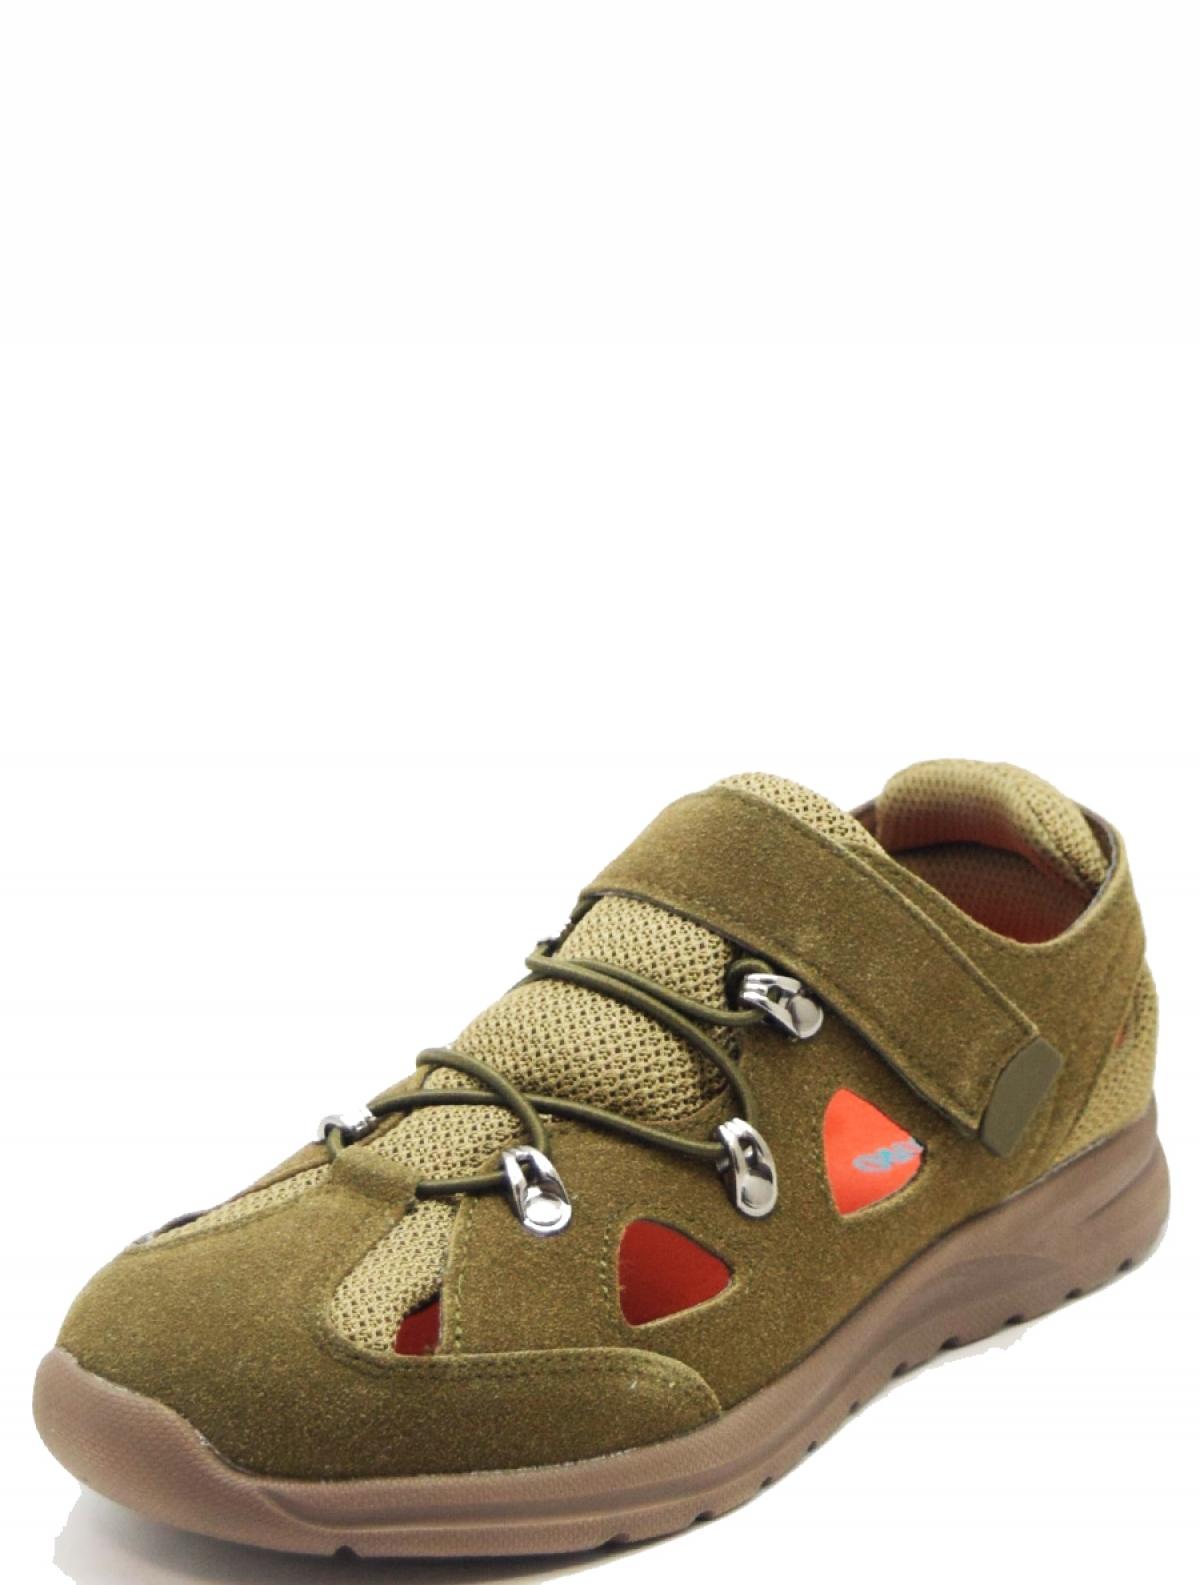 Tesoro 187625/02-02 сандали для мальчика